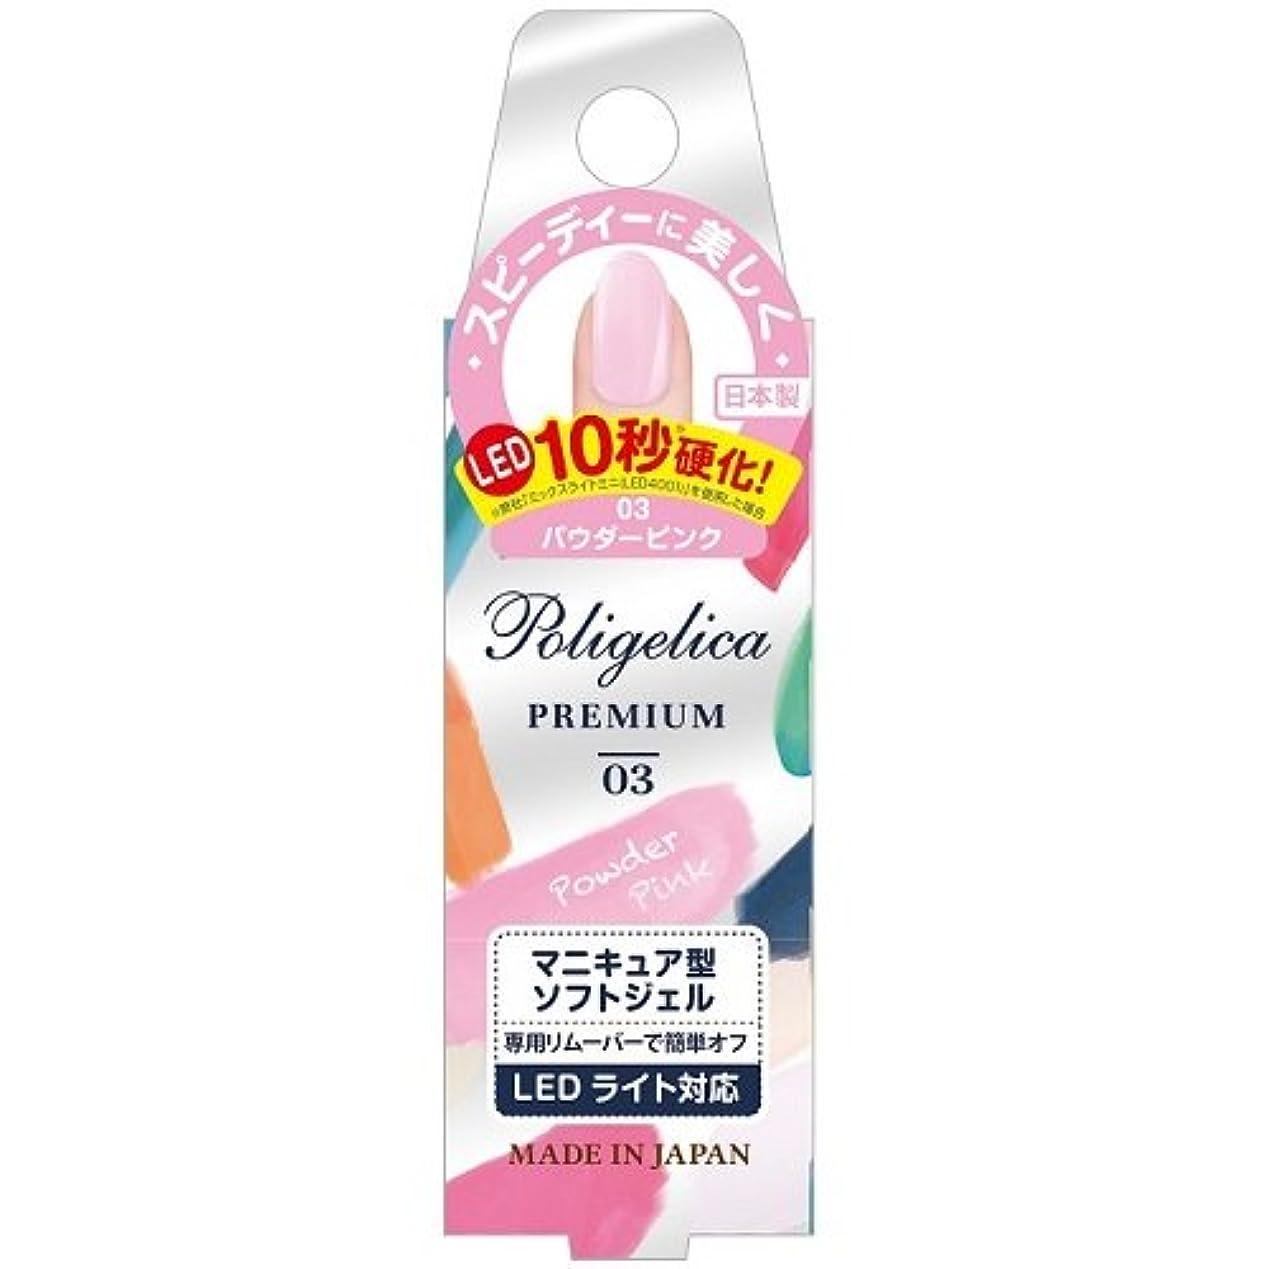 嵐のチャーミング商品BW ポリジェリカプレミアム カラージェル 1003/パウダーピンク (6g)